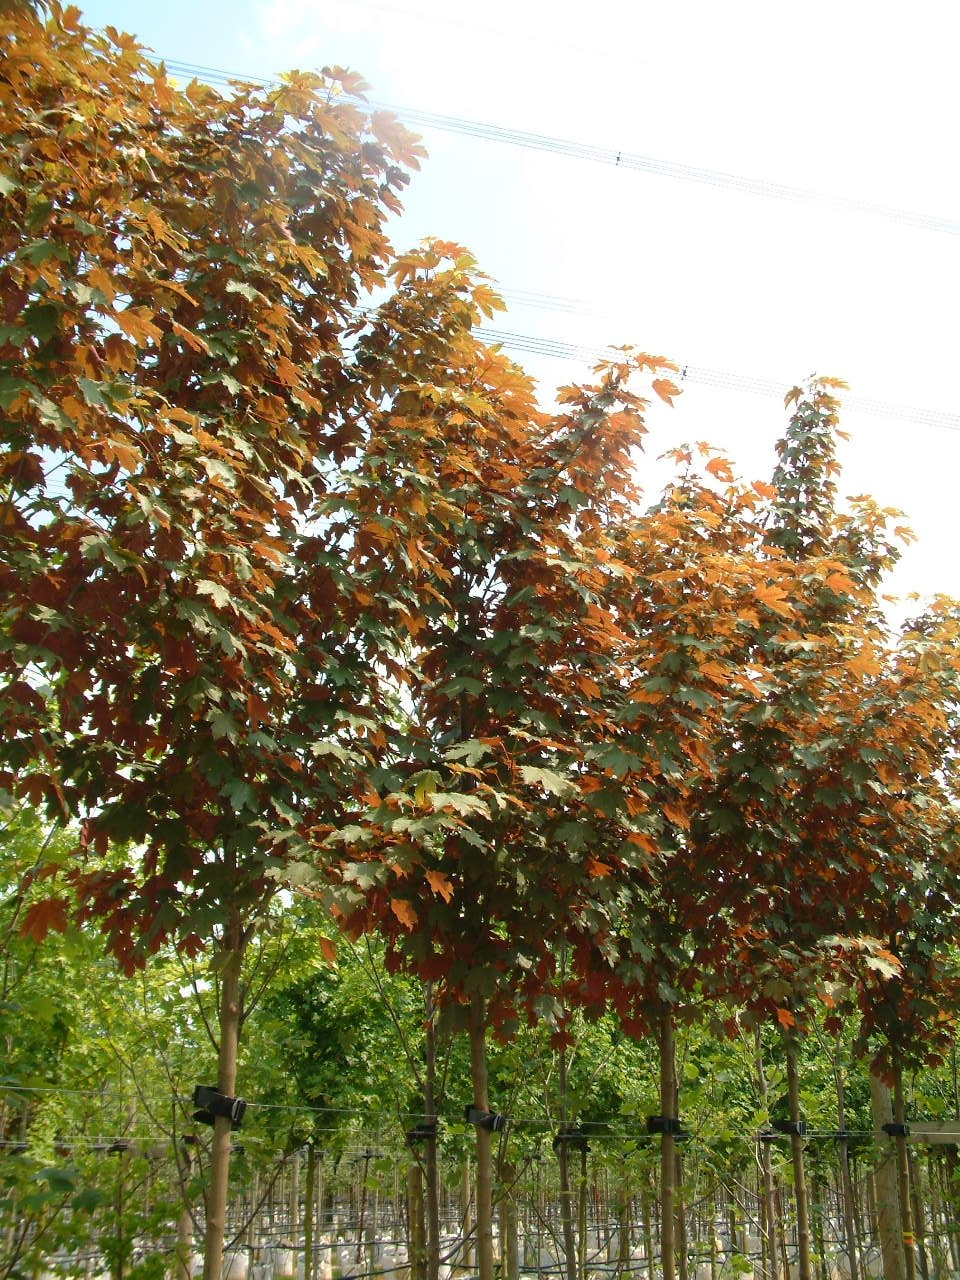 crown shot of Acer pseudoplatanus Spaethii